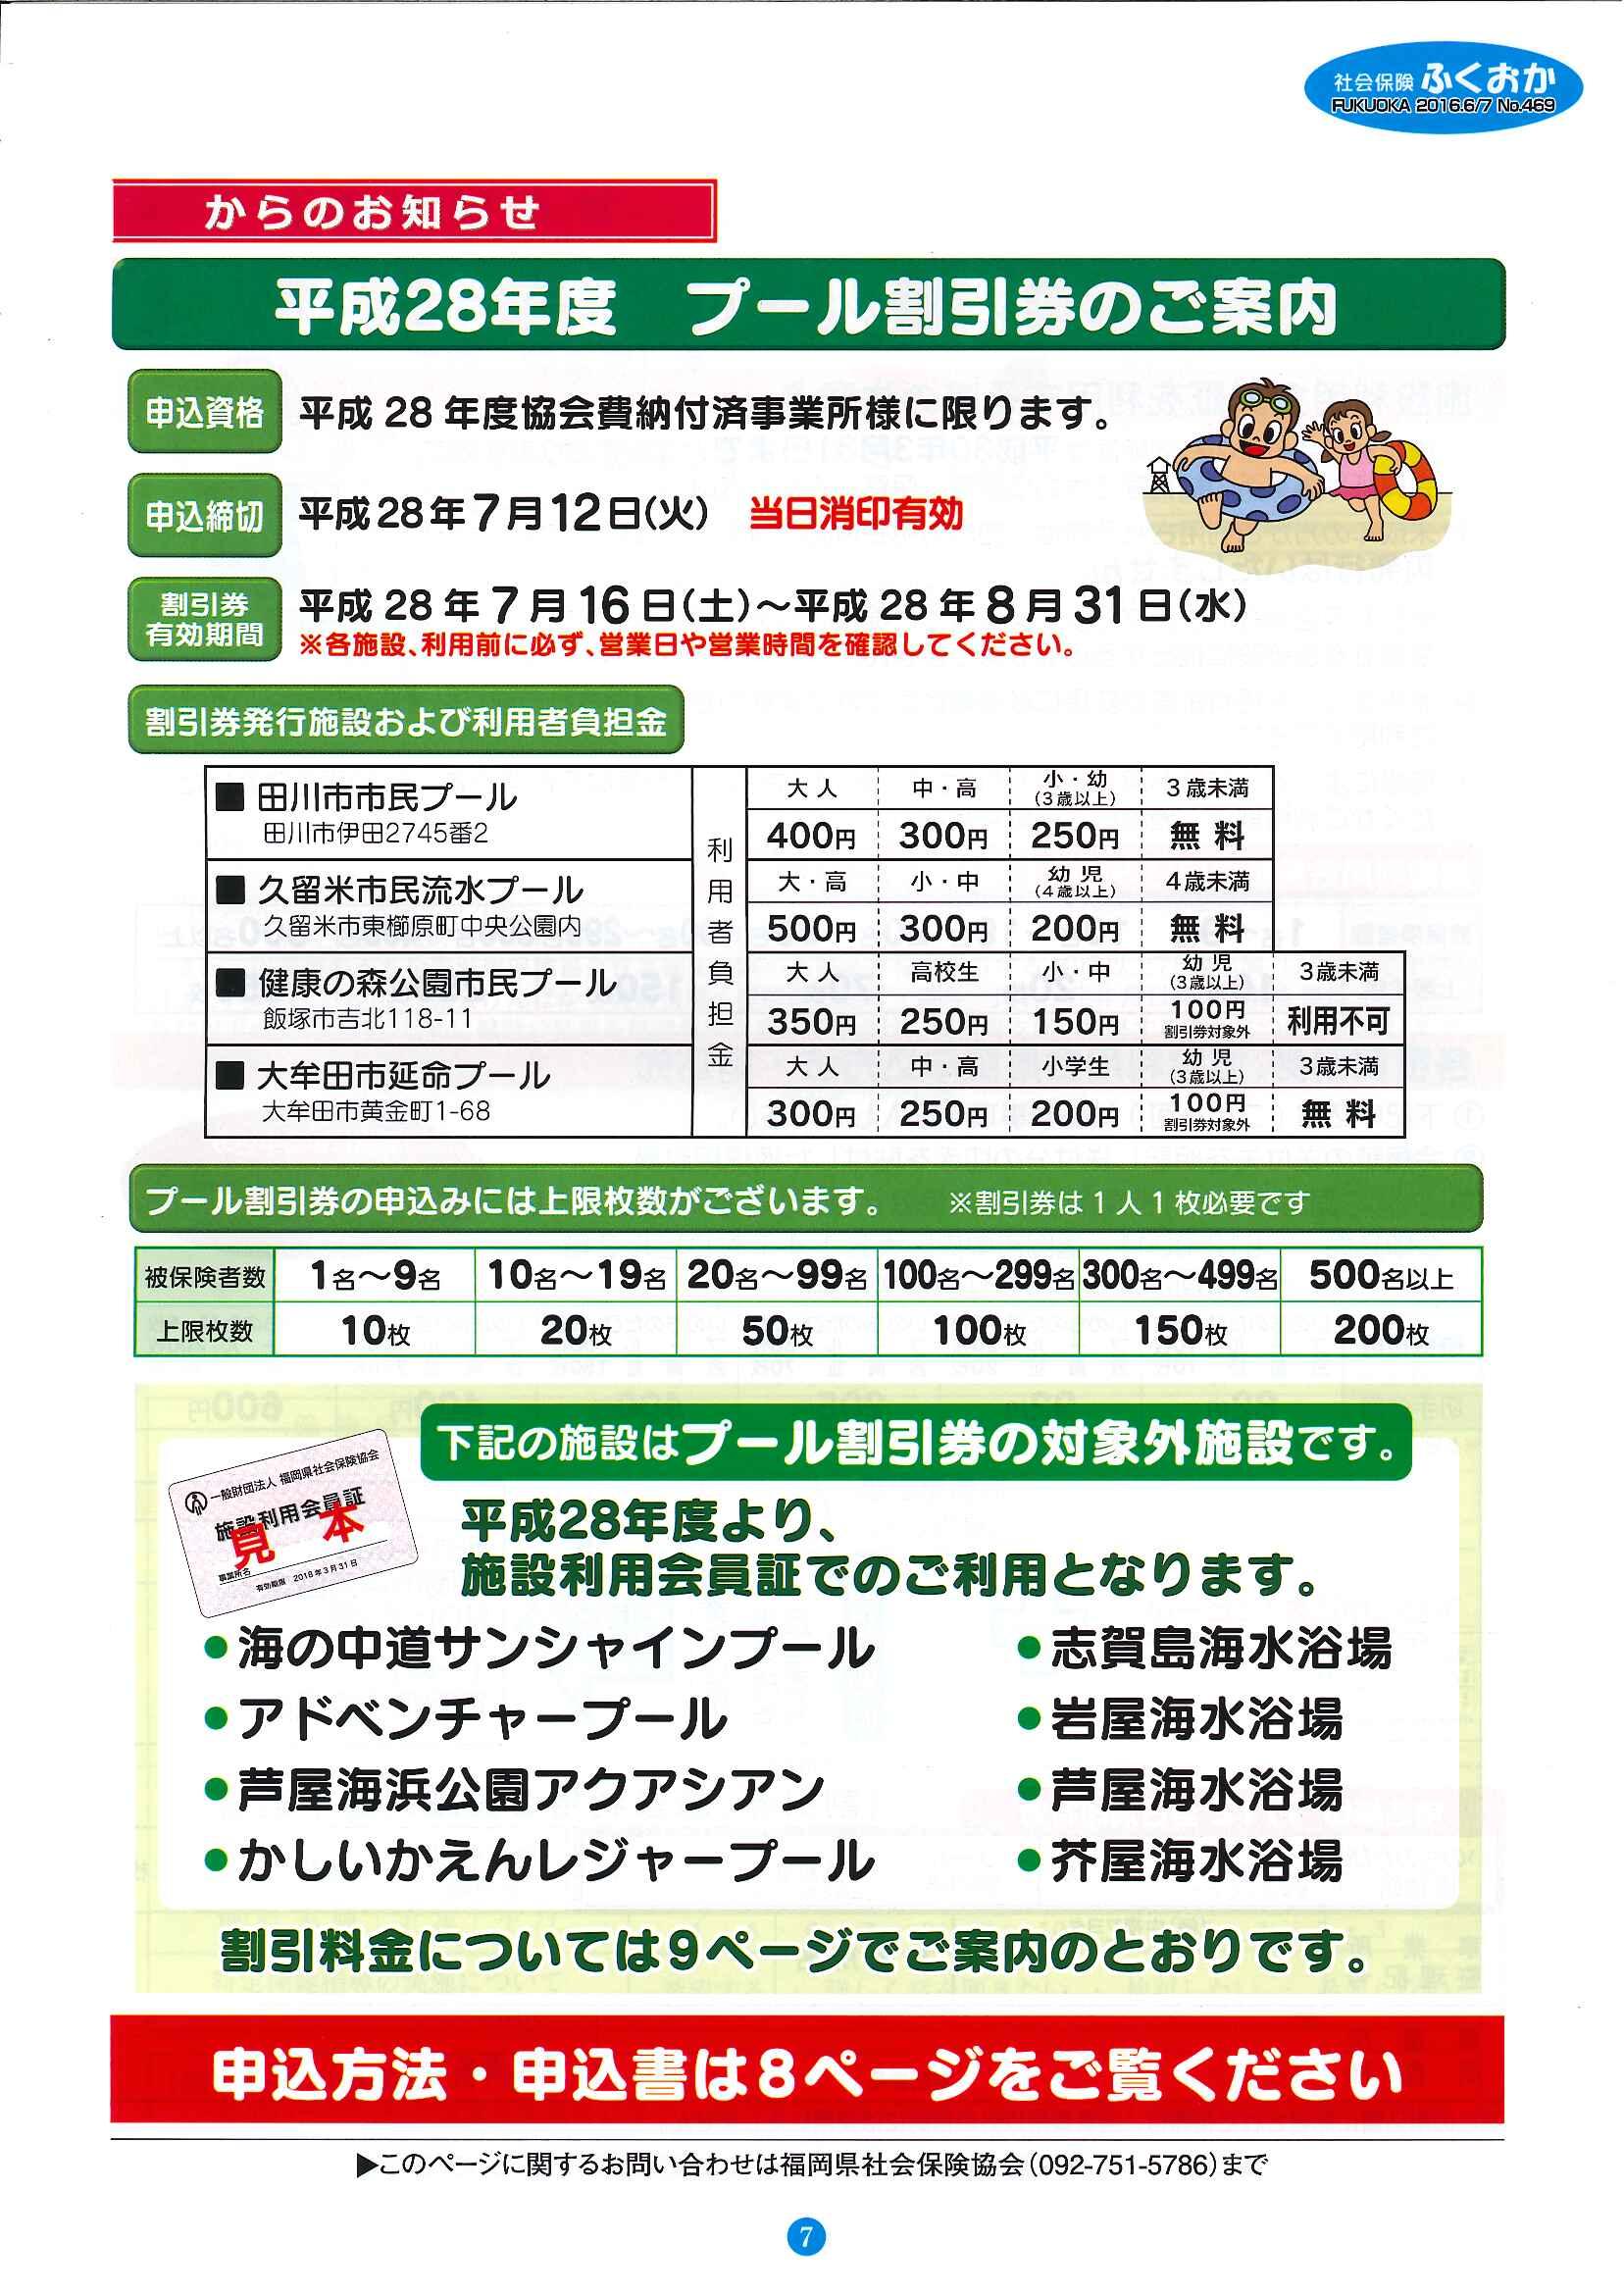 社会保険 ふくおか 2016年6・7月号_f0120774_1539616.jpg